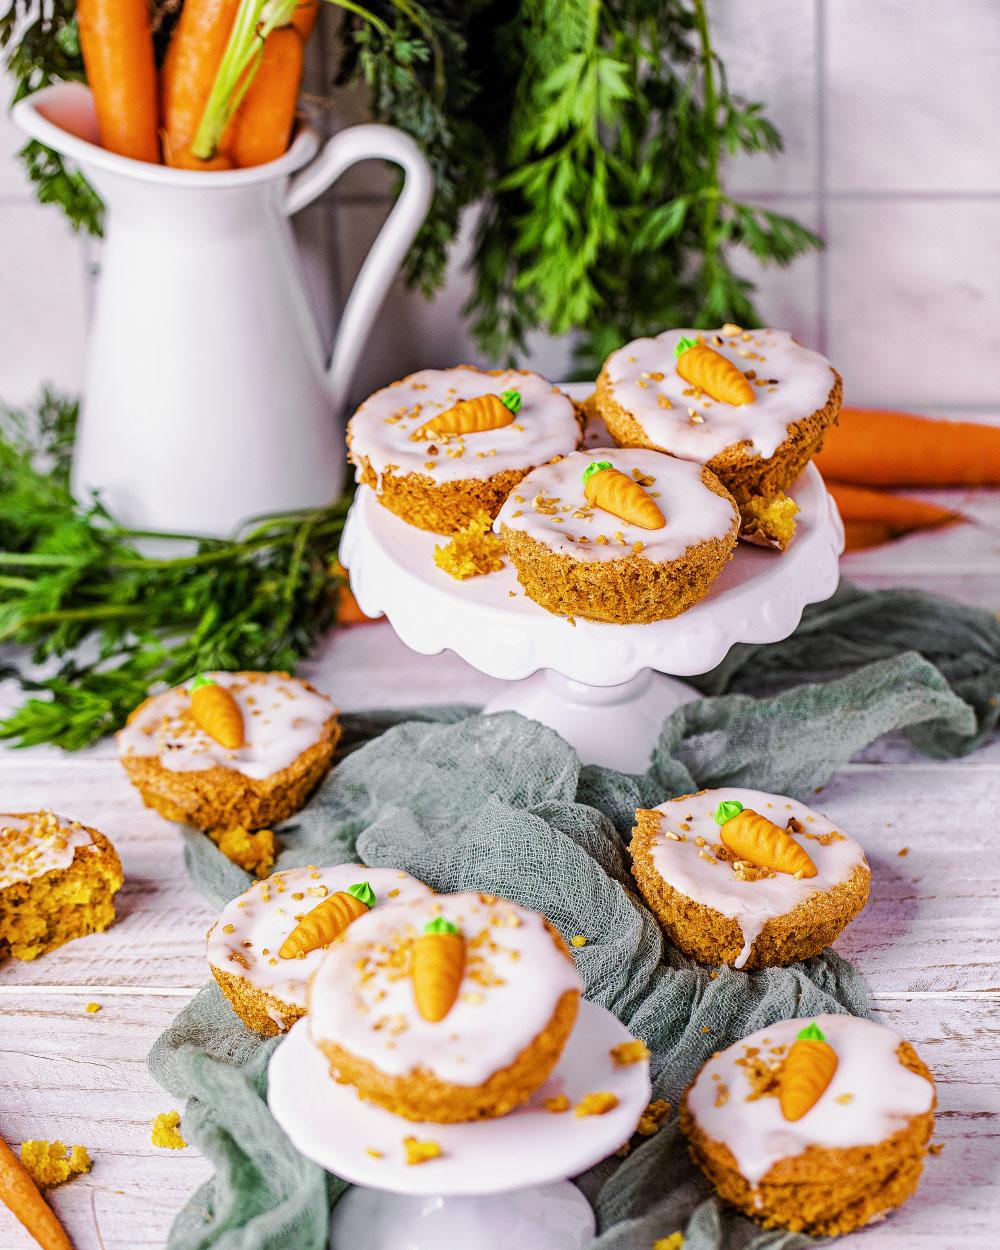 vEinfaches Rezept - Möhren-Rübli-Kuchen-Muffins low-carb